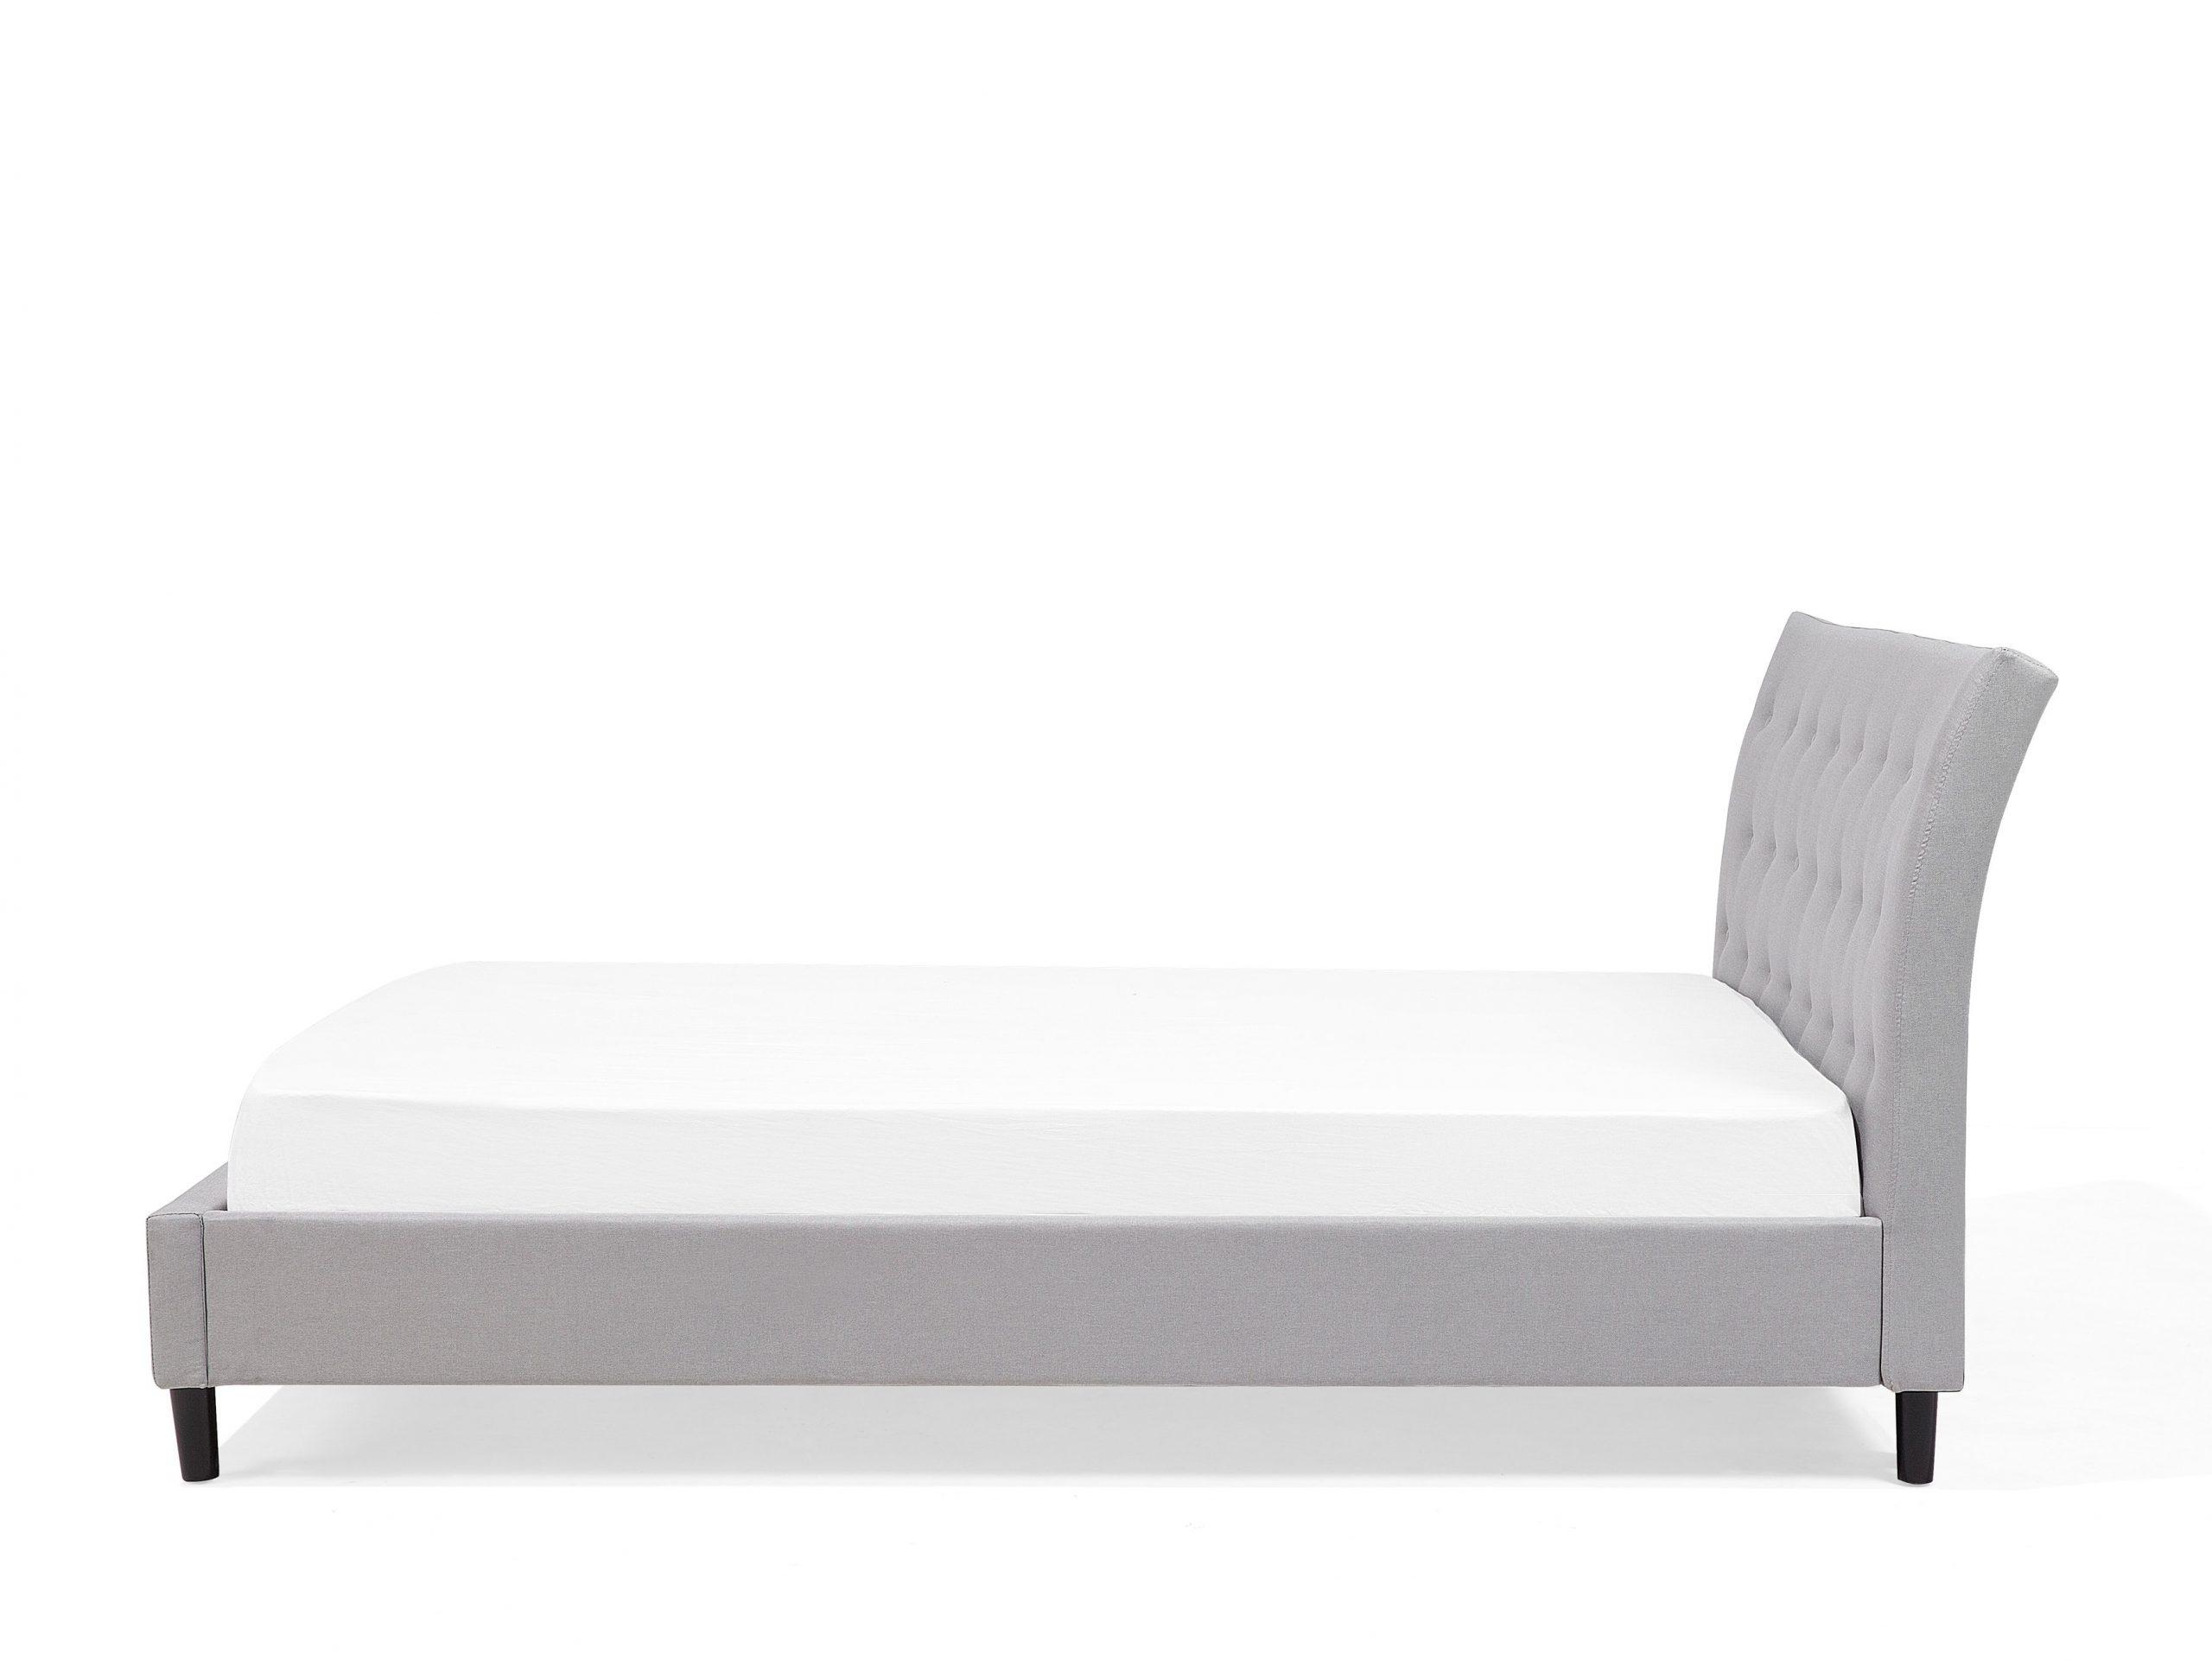 Full Size of Wohnwert Betten Erfahrungen Dormian Artone Bett 160x200 Mit Lattenrost Hellgrau Doppelbett Cm Ehebett Trends Designer 100x200 Dico Rauch 180x200 Bei Ikea Bett Wohnwert Betten